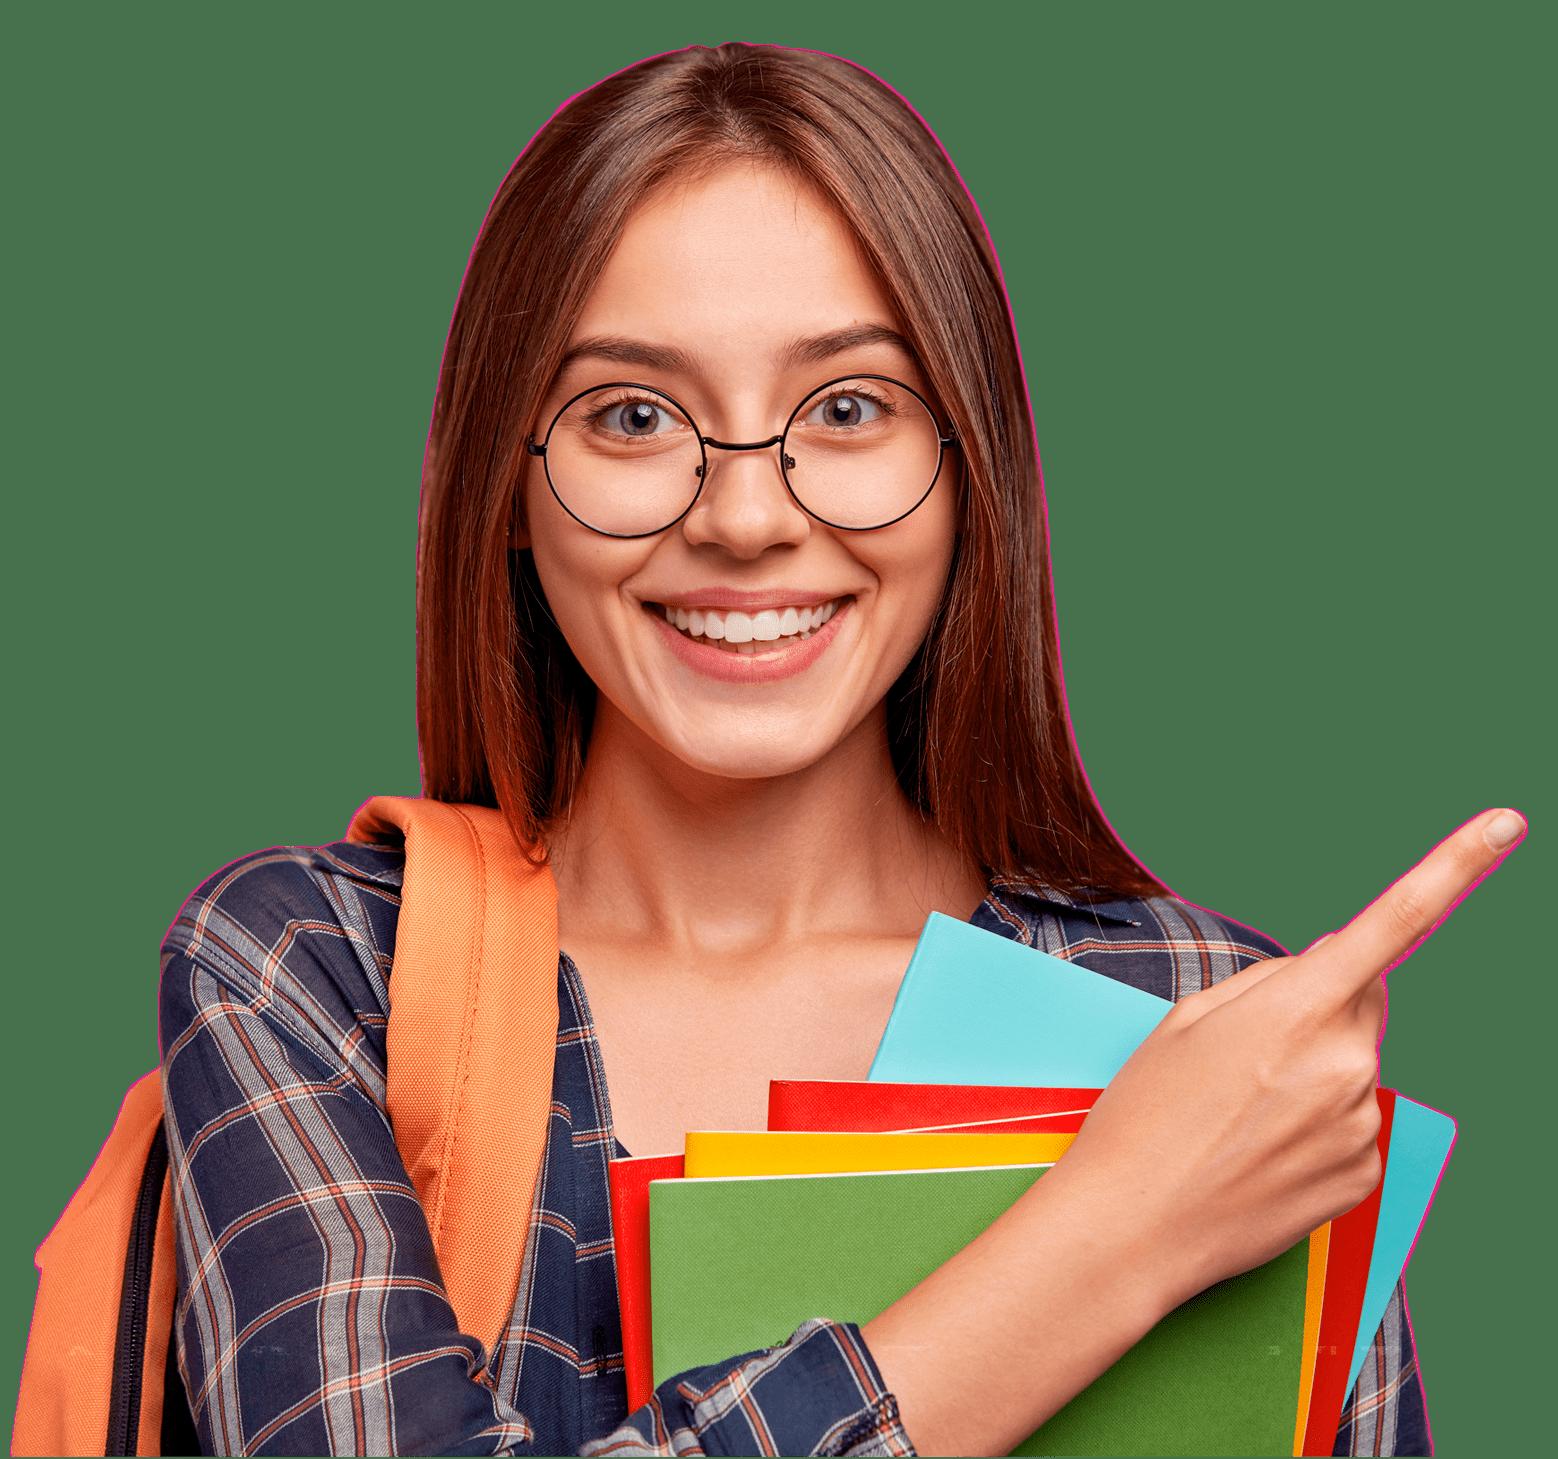 Estudante apontando para o formulário